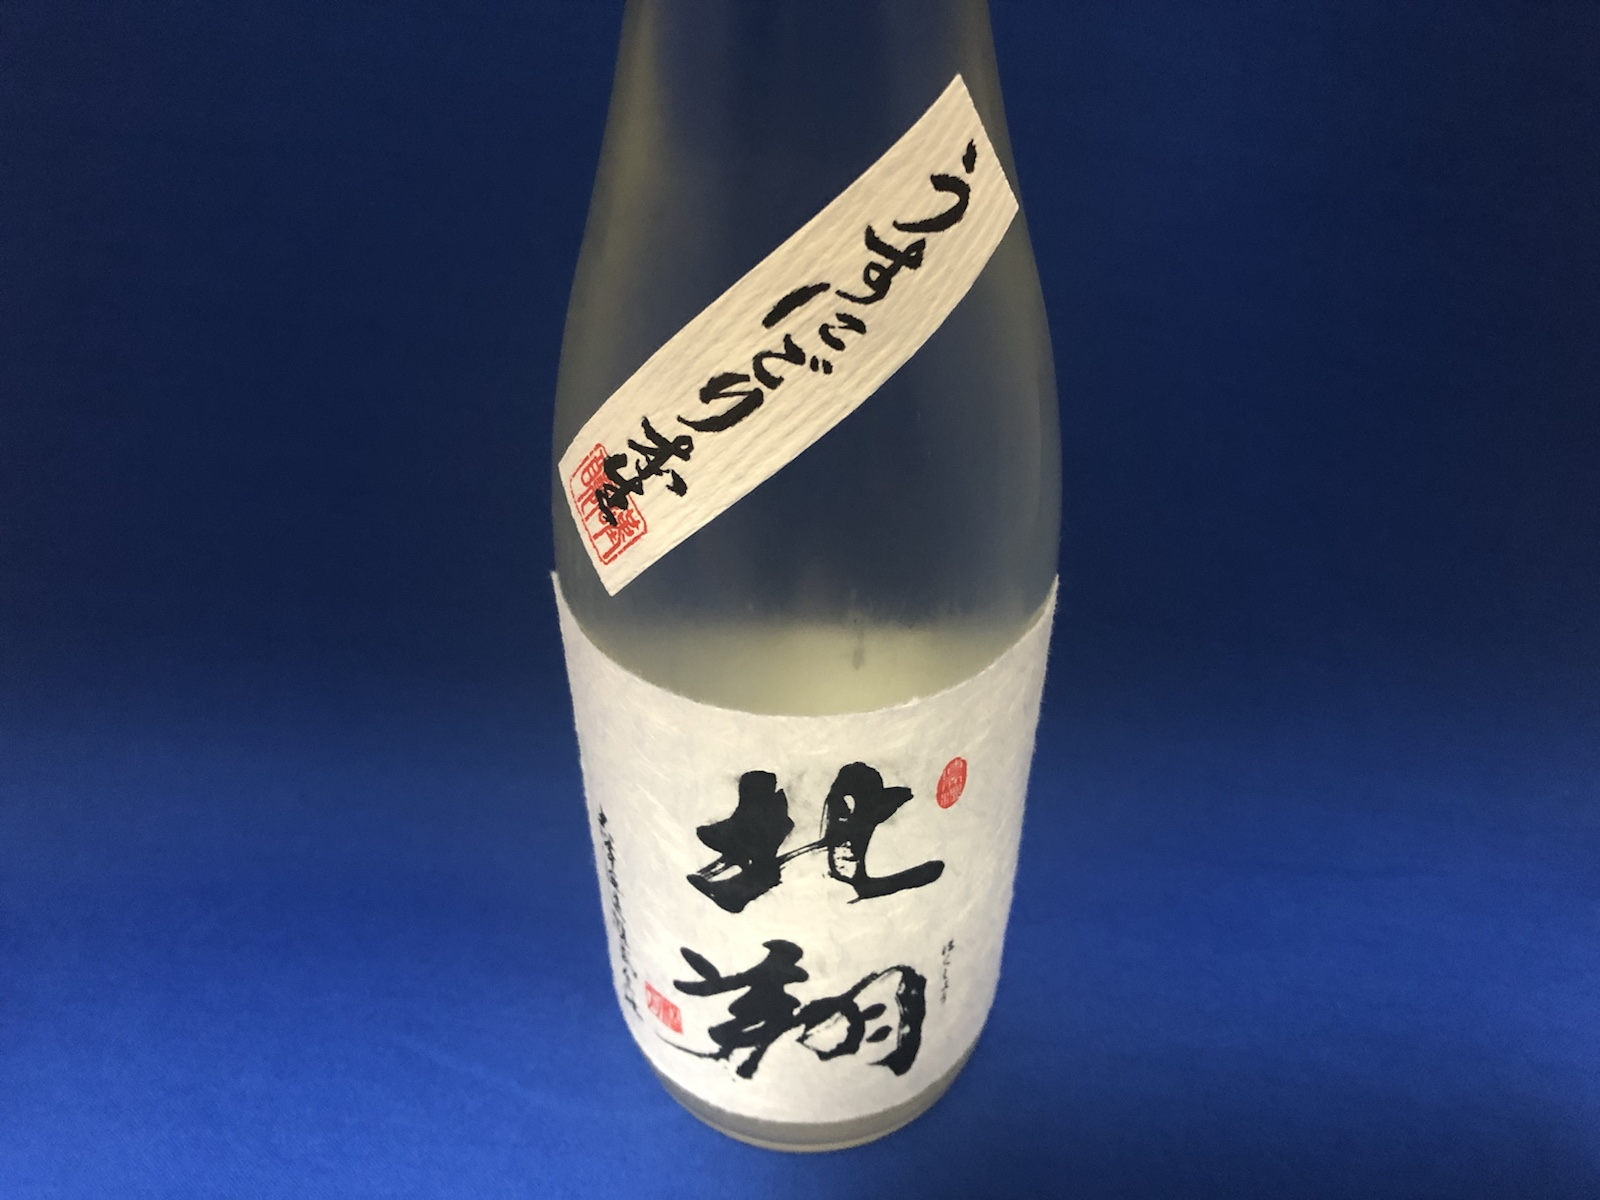 新潟村上の地酒「北翔」!生まれたての美酒、うすにごり本生